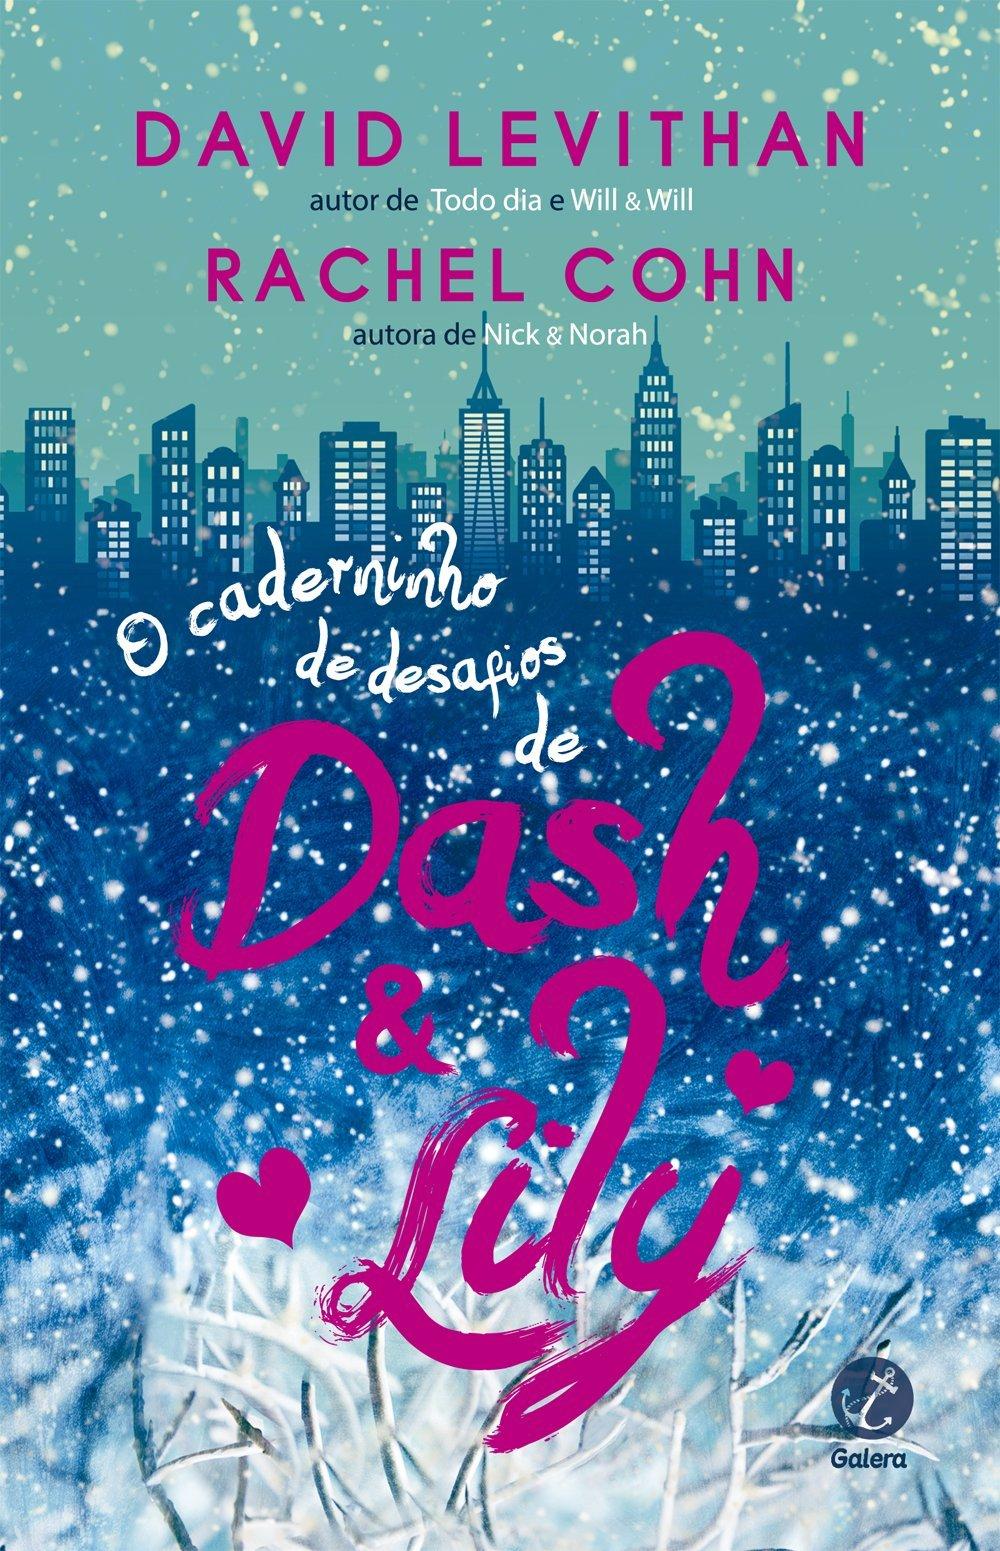 Resenha - O caderninho de desafios de Dash & Lily